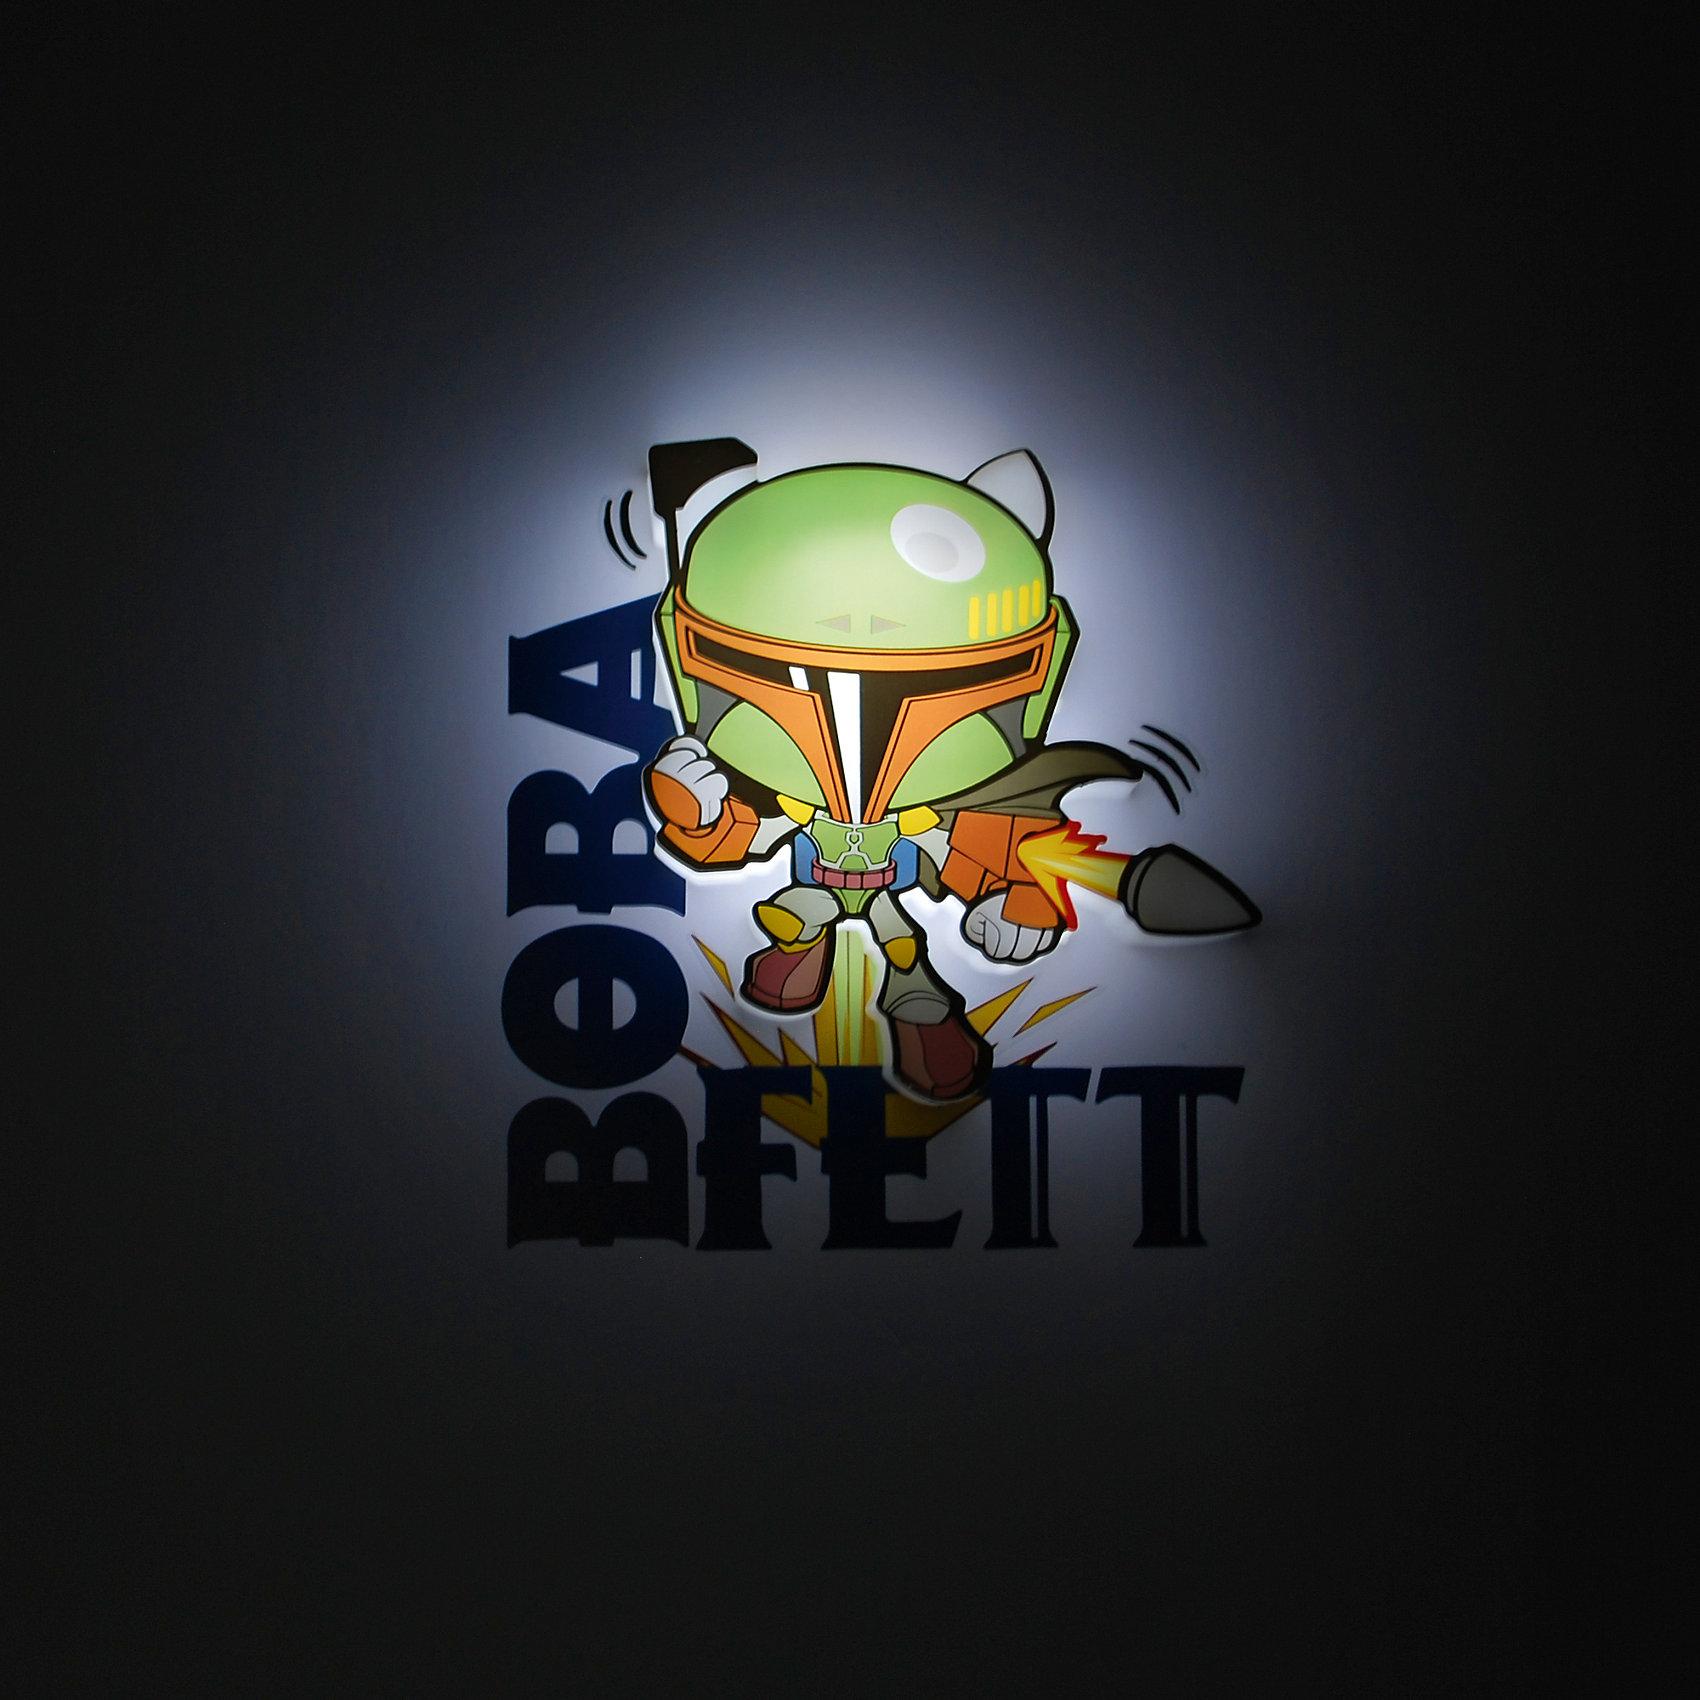 Пробивной мини 3D светильник Боба Фетт, Звёздные ВойныПробивной мини 3D светильник Боба Фетт, Звёздные Войны – станет оригинальным декором для комнаты и подарит приятный мягкий свет.<br>Оригинальный пробивной 3D светильник, выполненный в виде охотника за головами Боба Фетта – персонажа саги Звездные войны, создаст сказочную атмосферу в детской комнате. Мягкое приглушенное свечение наполнит детскую комнату теплом и уютом и избавит ребенка от ночных страхов. В основе работы светильника заложена светодиодная LED-технология, благодаря которой - он лёгкий, затрачивает небольшое количество энергии, не нагревается. Включение и выключения светильника выполняется путем передвижения рычажка. Приятным дополнением к светильнику служат тематические наклейки для декора.<br><br>Дополнительная информация:<br><br>- В комплекте: светильник; наклейки; крепеж<br>- Товар предназначен для детей старше 3 лет<br>- Безопасный: без проводов, работает от батареек (2хААА, не входят в комплект)<br>- Используются светодиоды: LED технология<br>- Не нагревается: всегда можно дотронуться до изделия<br>- Фантастический: выглядит превосходно в любое время суток<br>- Удобный: простая установка (автоматическое выключение через полчаса непрерывной работы)<br>- Материал: пластик, металл<br>- Размер светильника: 12,7x2,5x12,7 см.<br>- Размер упаковки: 16,9х4,1х16 см.<br>- Вес: 160 г.<br>- ВНИМАНИЕ! Содержит мелкие детали, использовать под непосредственным наблюдением взрослых<br>- Страна происхождения: Китай<br>- Дизайн и разработка: Канада<br><br>Пробивной мини 3D светильник Боба Фетт, Звёздные Войны можно купить в нашем интернет-магазине.<br><br>Ширина мм: 169<br>Глубина мм: 41<br>Высота мм: 160<br>Вес г: 160<br>Возраст от месяцев: 36<br>Возраст до месяцев: 2147483647<br>Пол: Унисекс<br>Возраст: Детский<br>SKU: 4566031